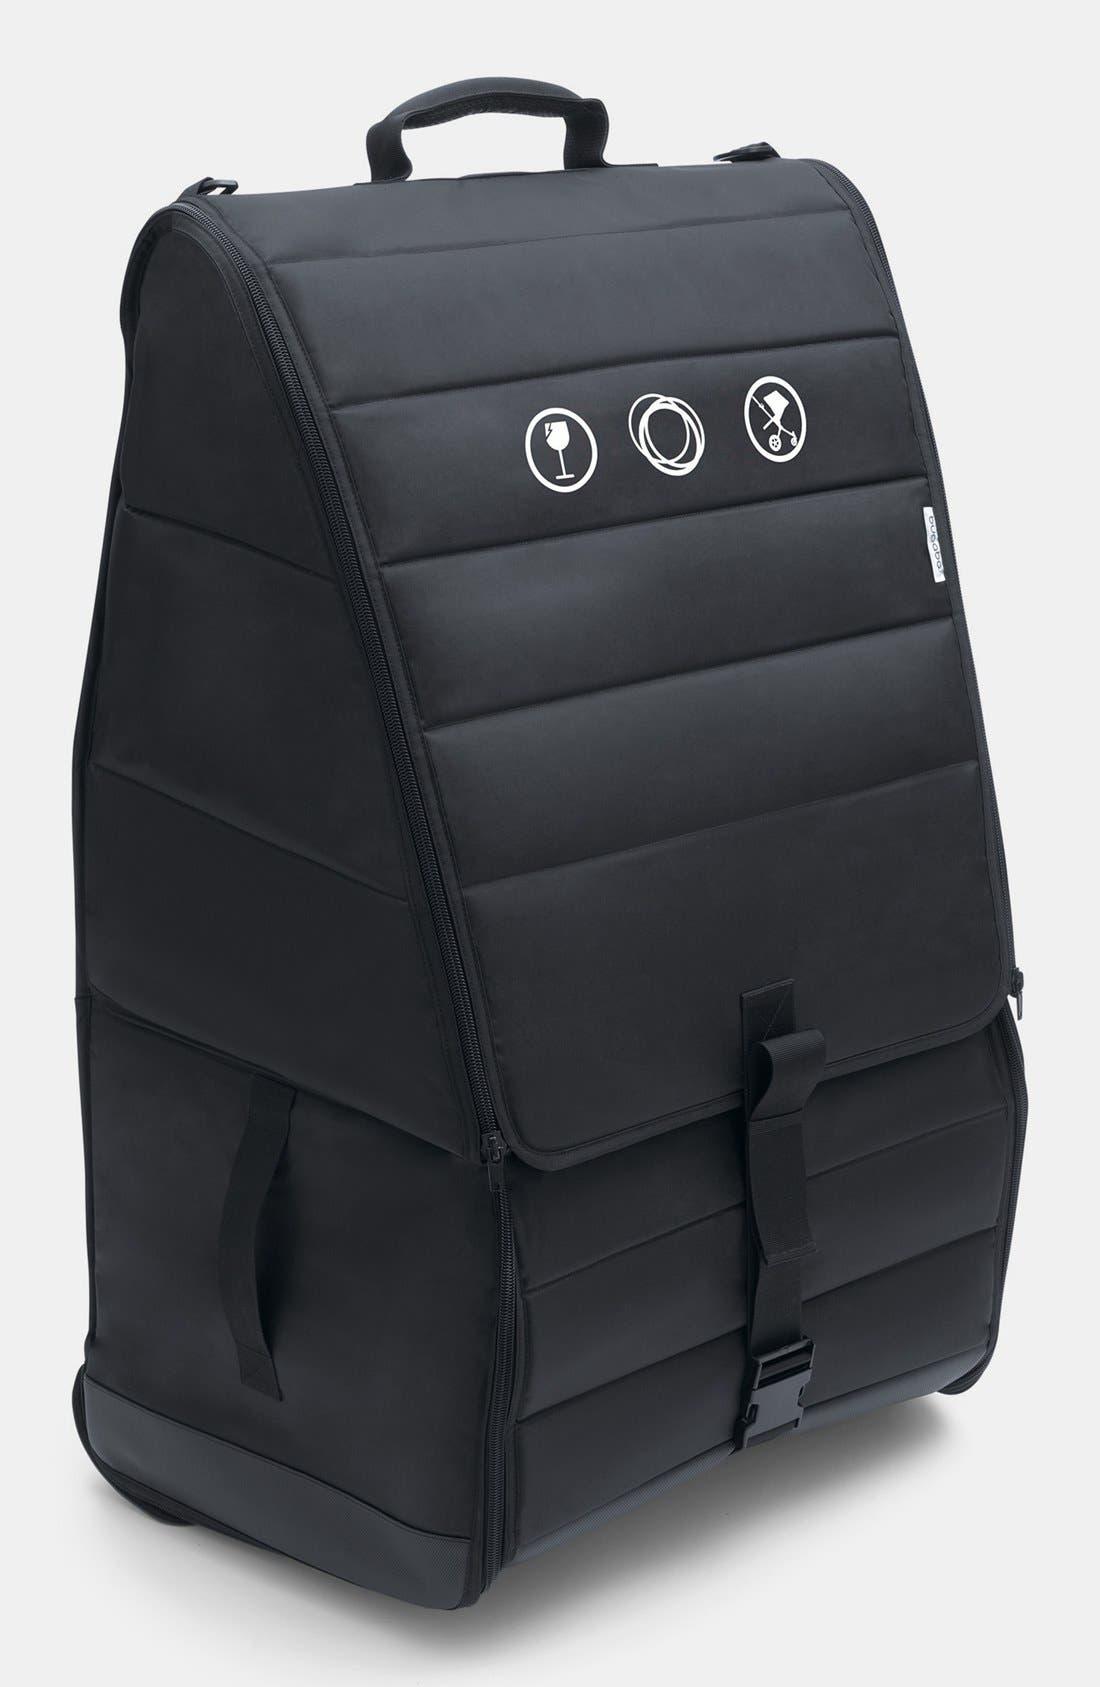 Main Image - Bugaboo Comfort Stroller Transport Bag